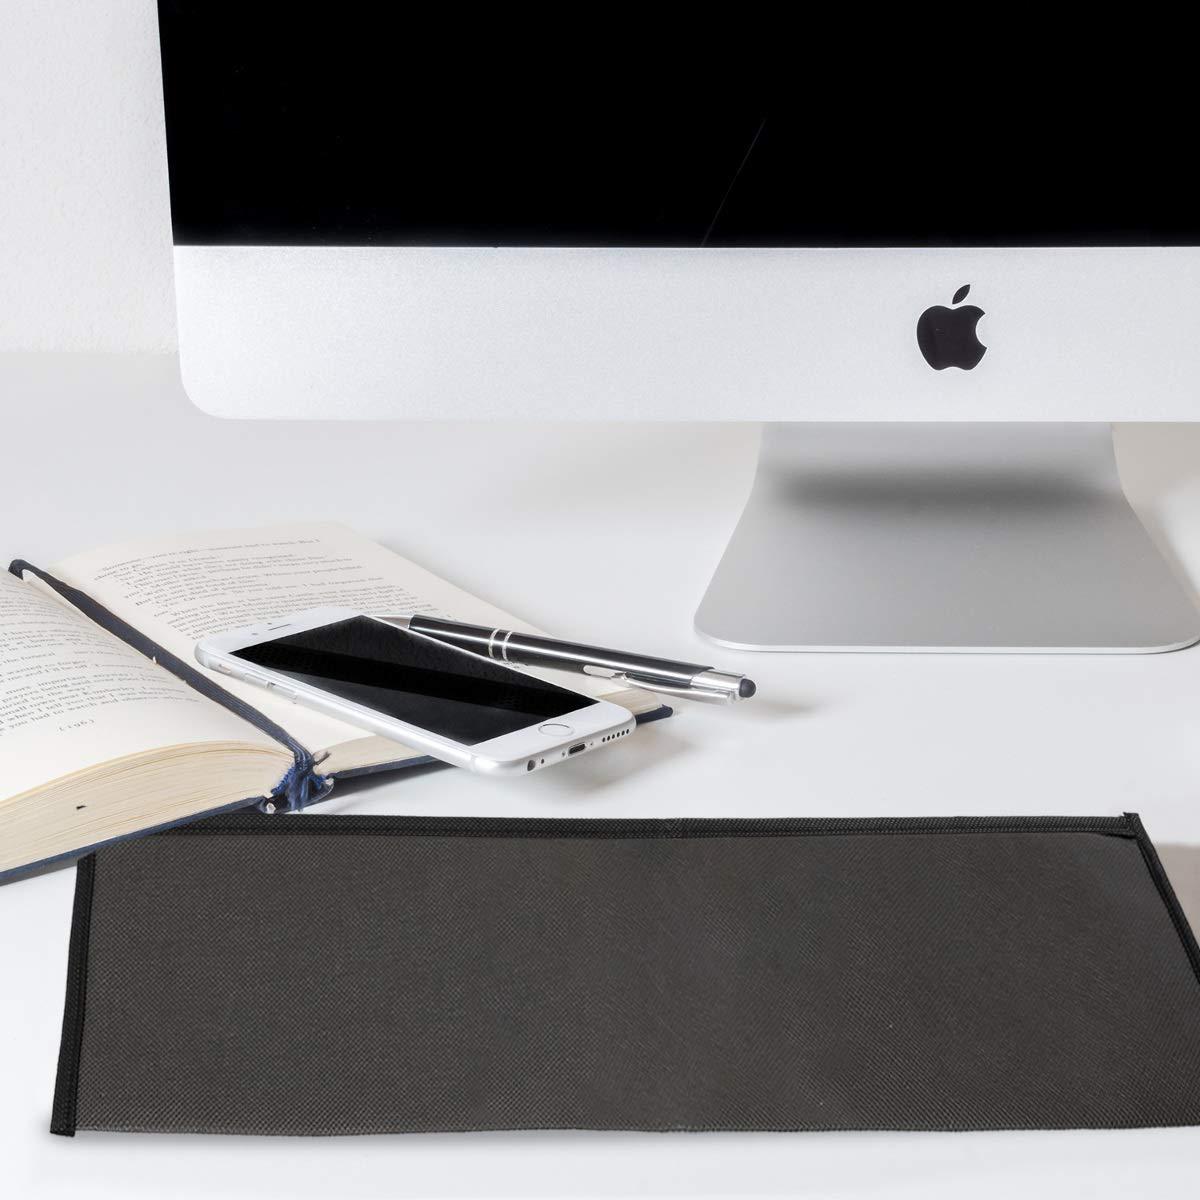 kwmobile Funda Protectora para Teclado Apple Magic Keyboard mit Ziffernblock Cubierta para el Polvo o derrames en Gris Oscuro